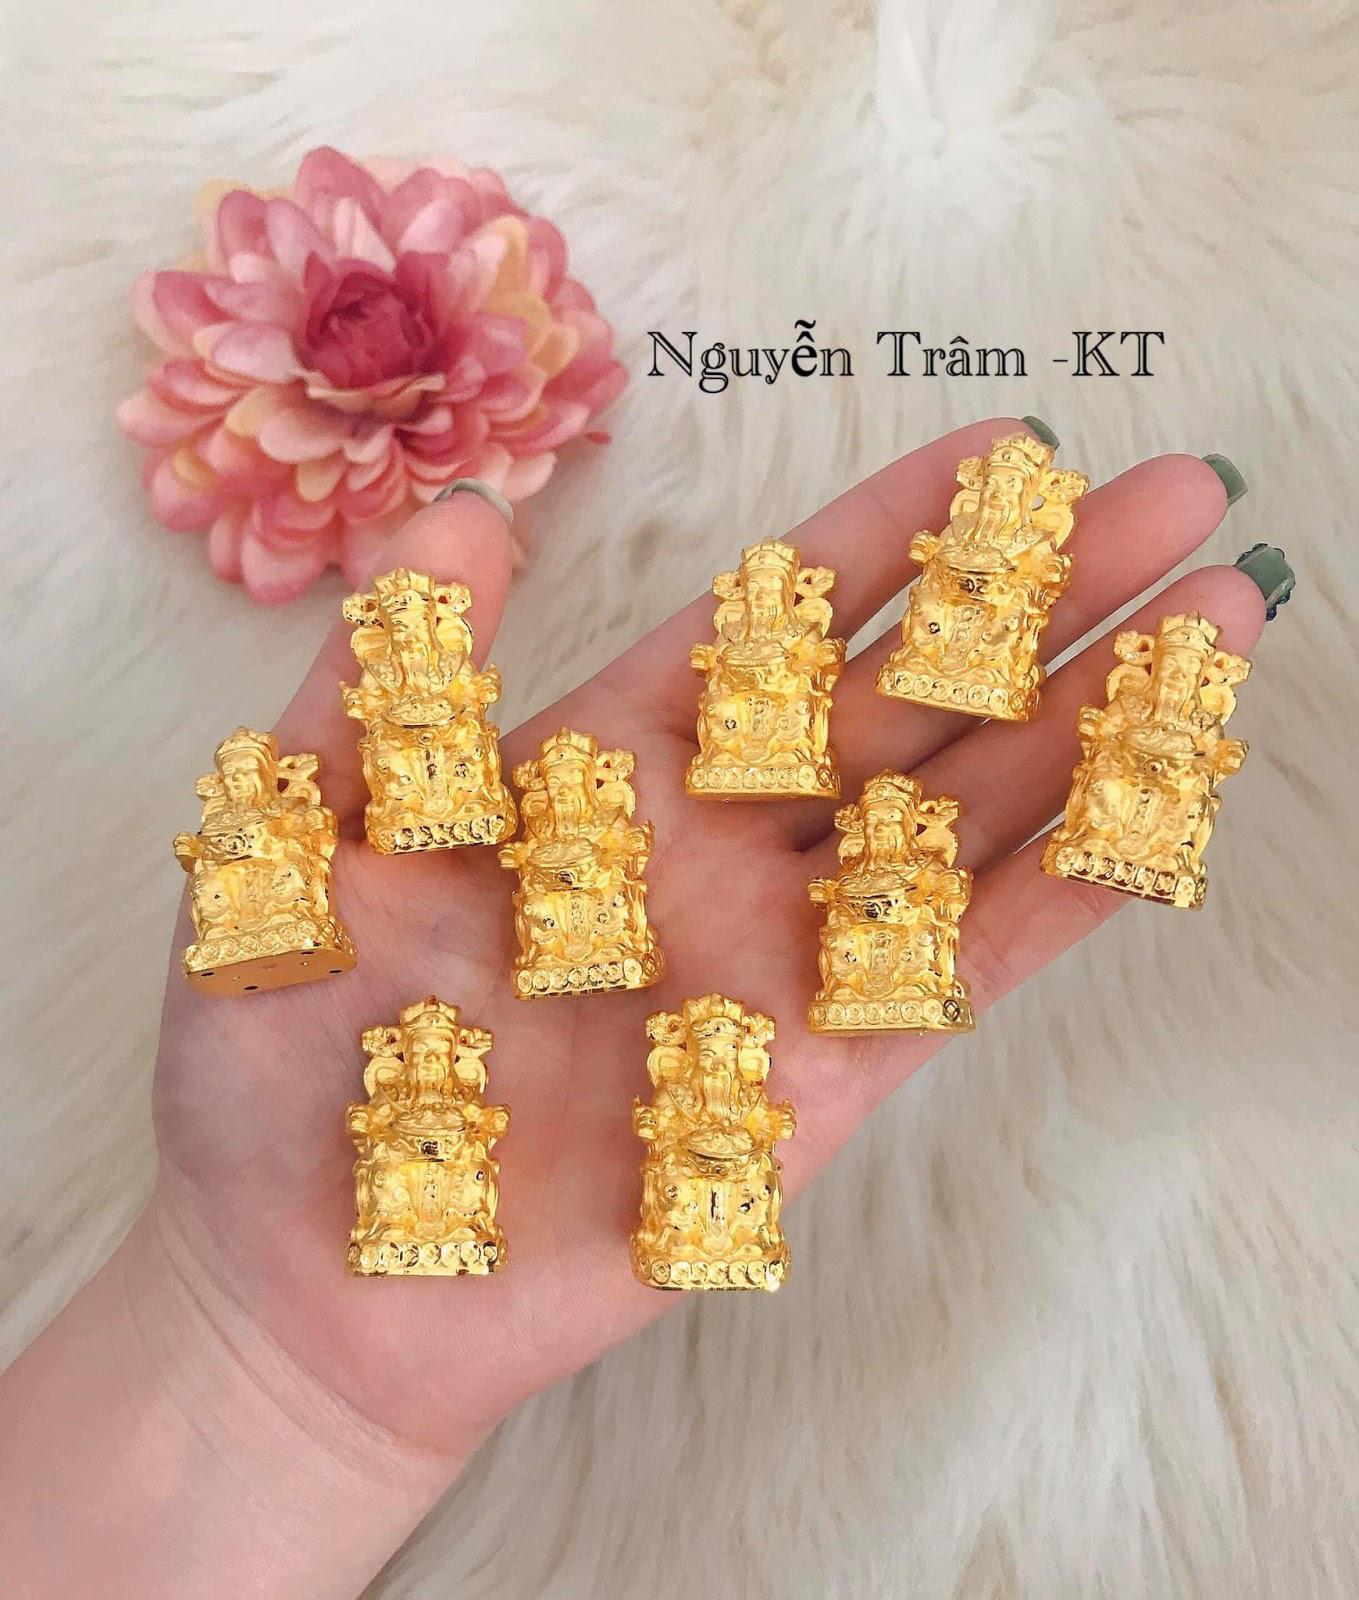 Tôn lên phong thái quyền lực của phái đẹp với trang sức của tiệm vàng Nguyễn Trâm - Ảnh 2.